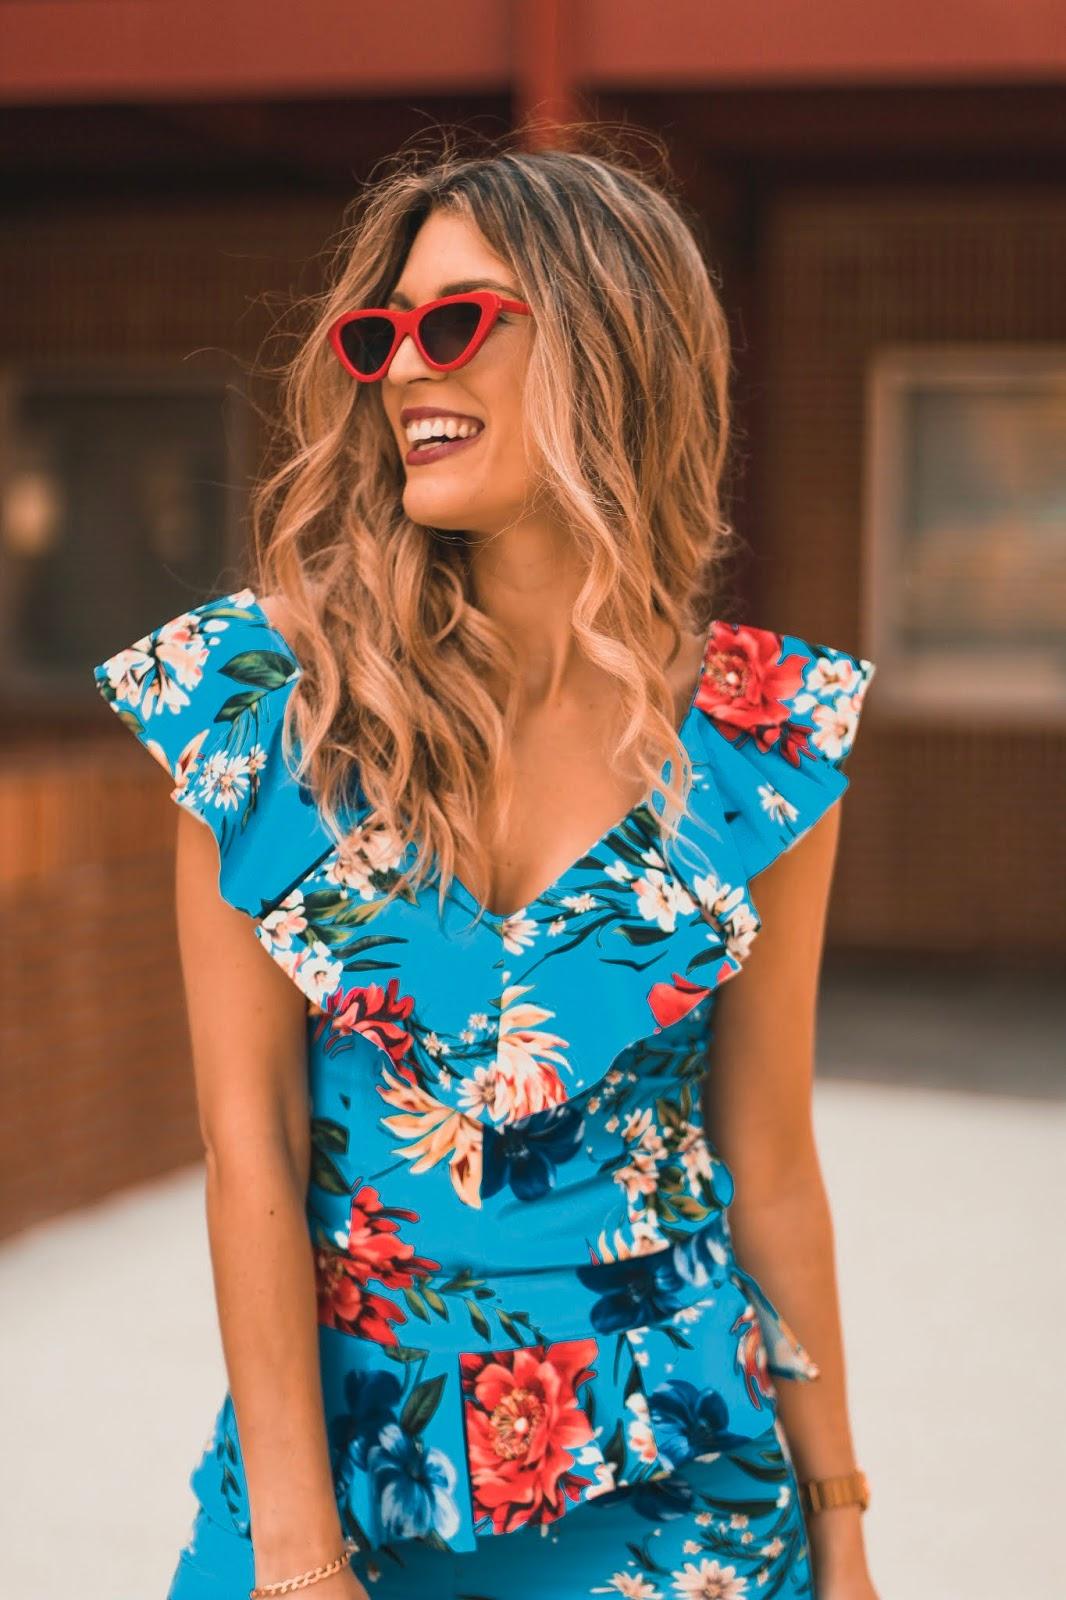 comprar gafas baratas online